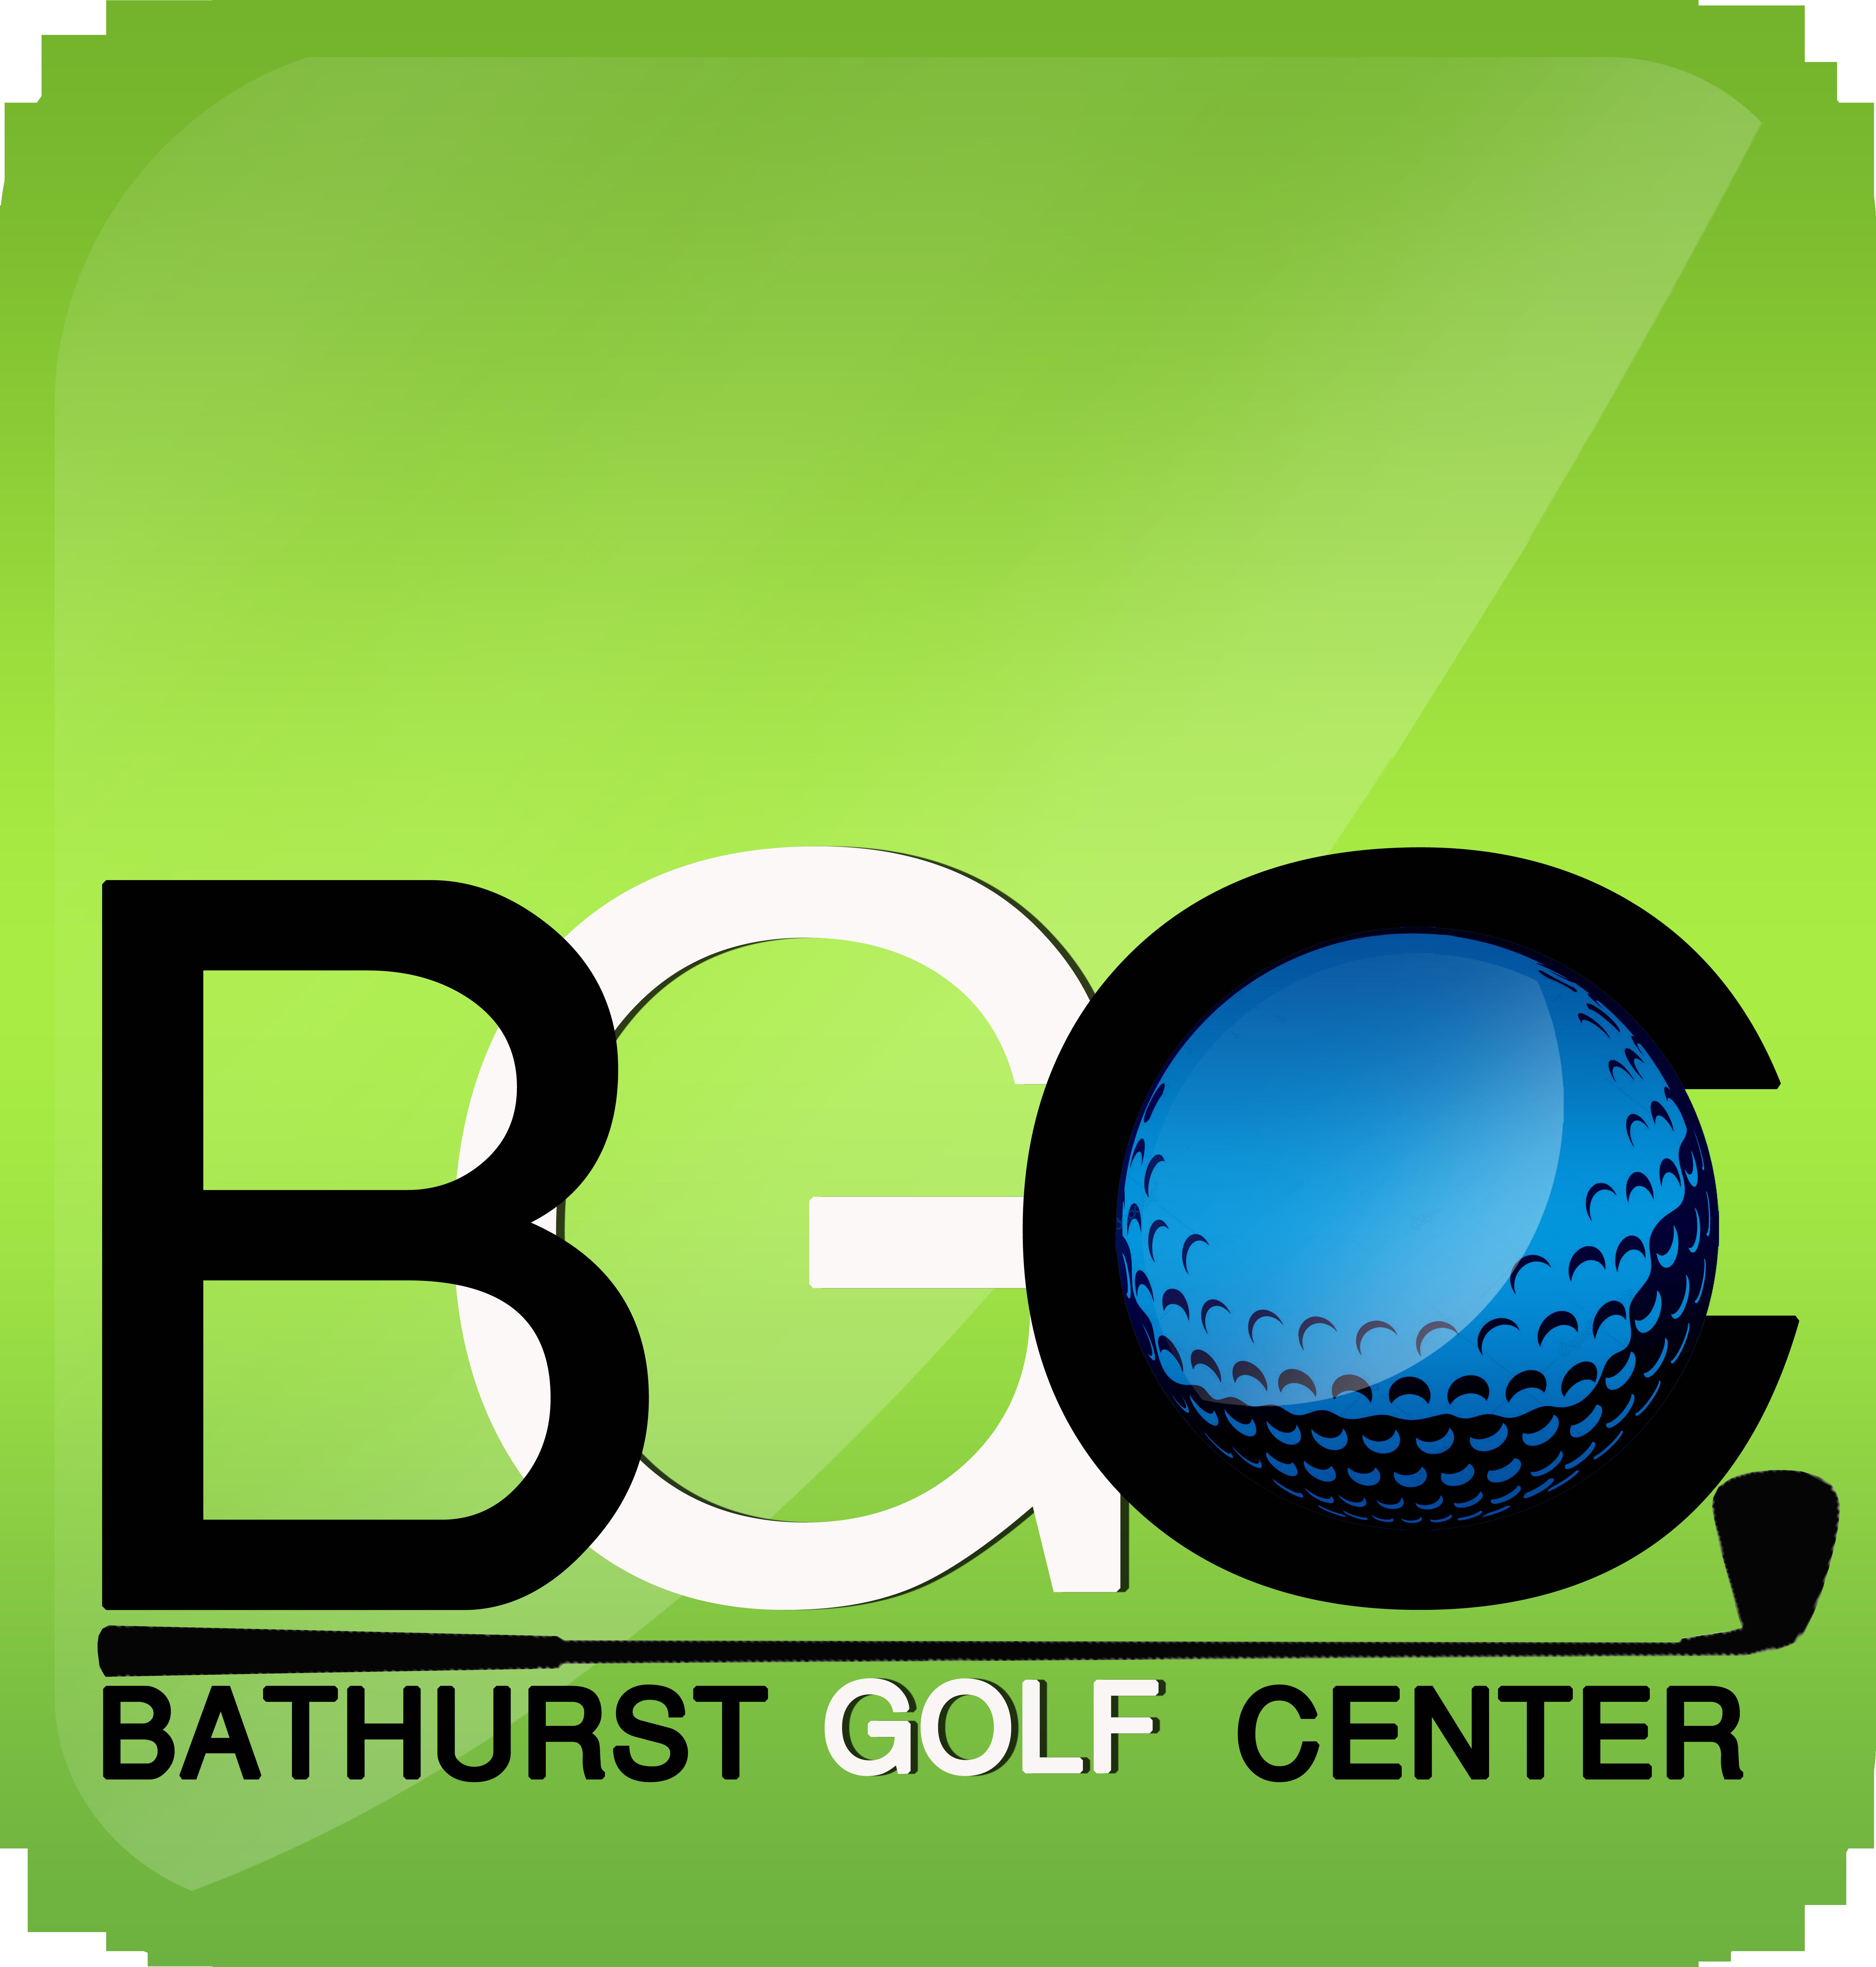 Logo Design by JSDESIGNGROUP - Entry No. 30 in the Logo Design Contest Inspiring Logo Design for Bathurst Golf Centre.